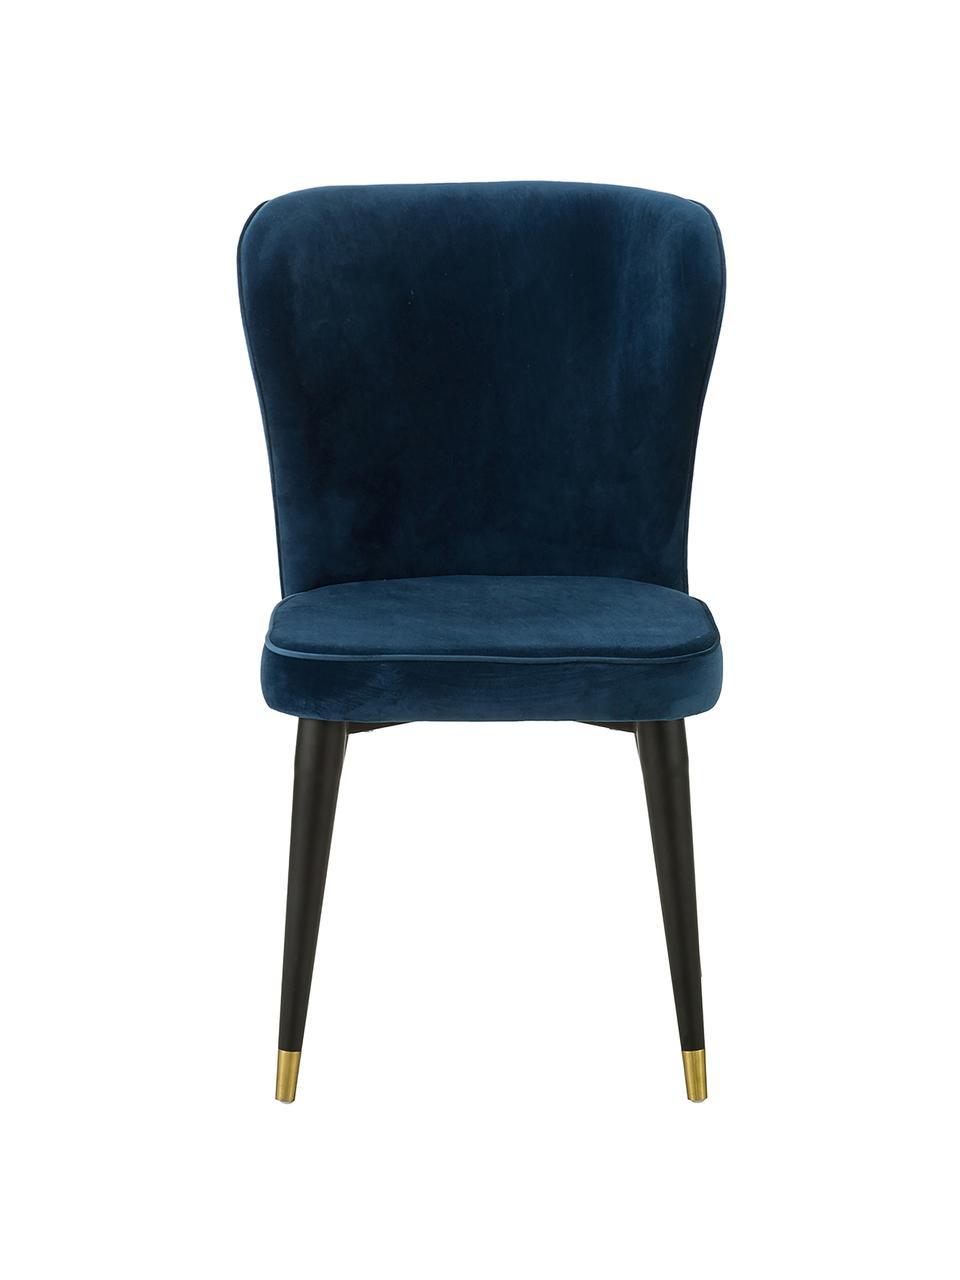 Chaise classique velours rembourré Cleo, Bleu foncé